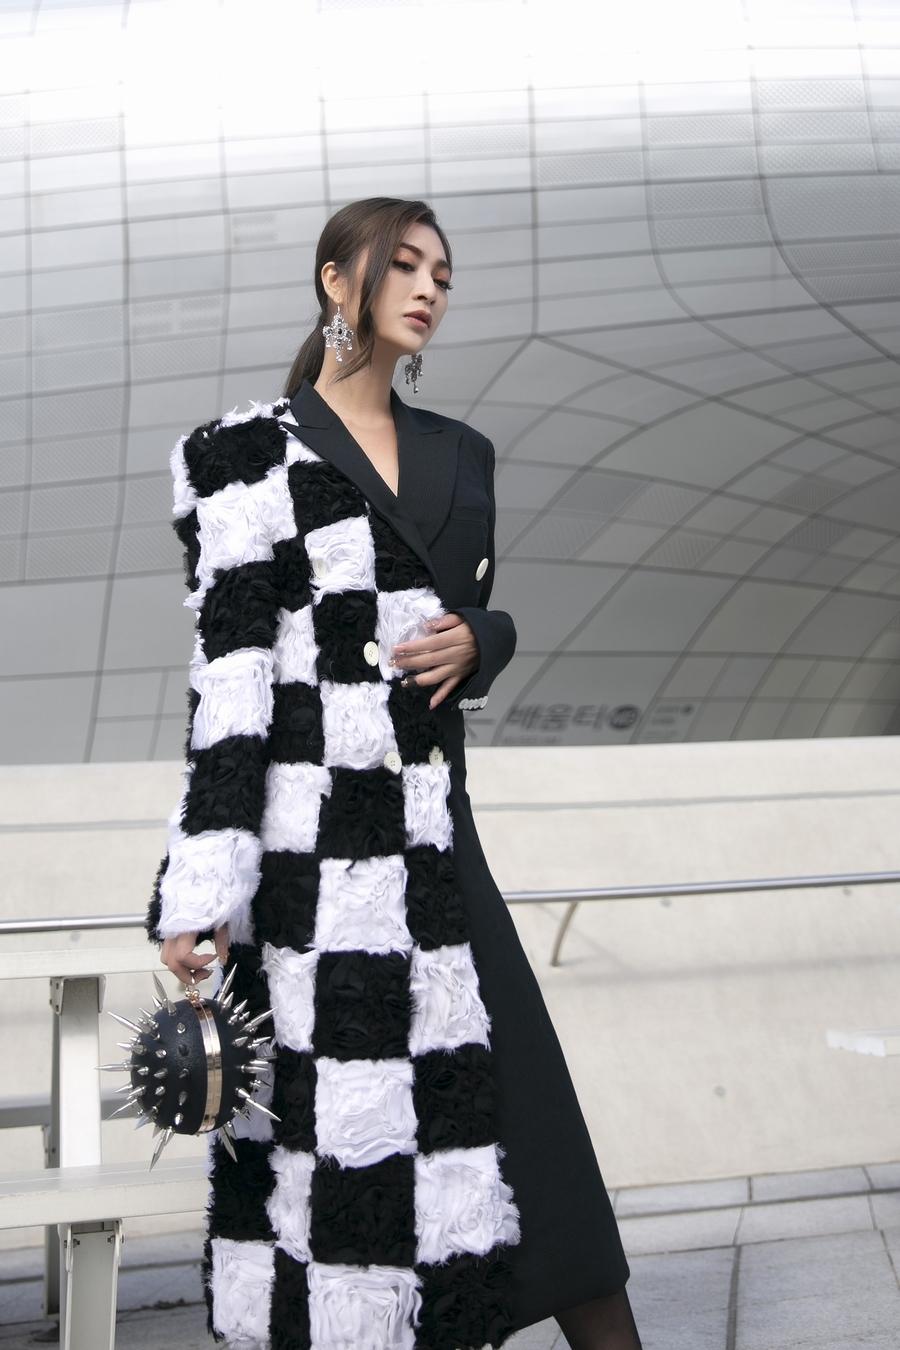 Thanh Trúc hiếm hoi diện nguyên cây hàng hiệu xuất hiện tại Seoul Fashion Week 2019 - Hình 11